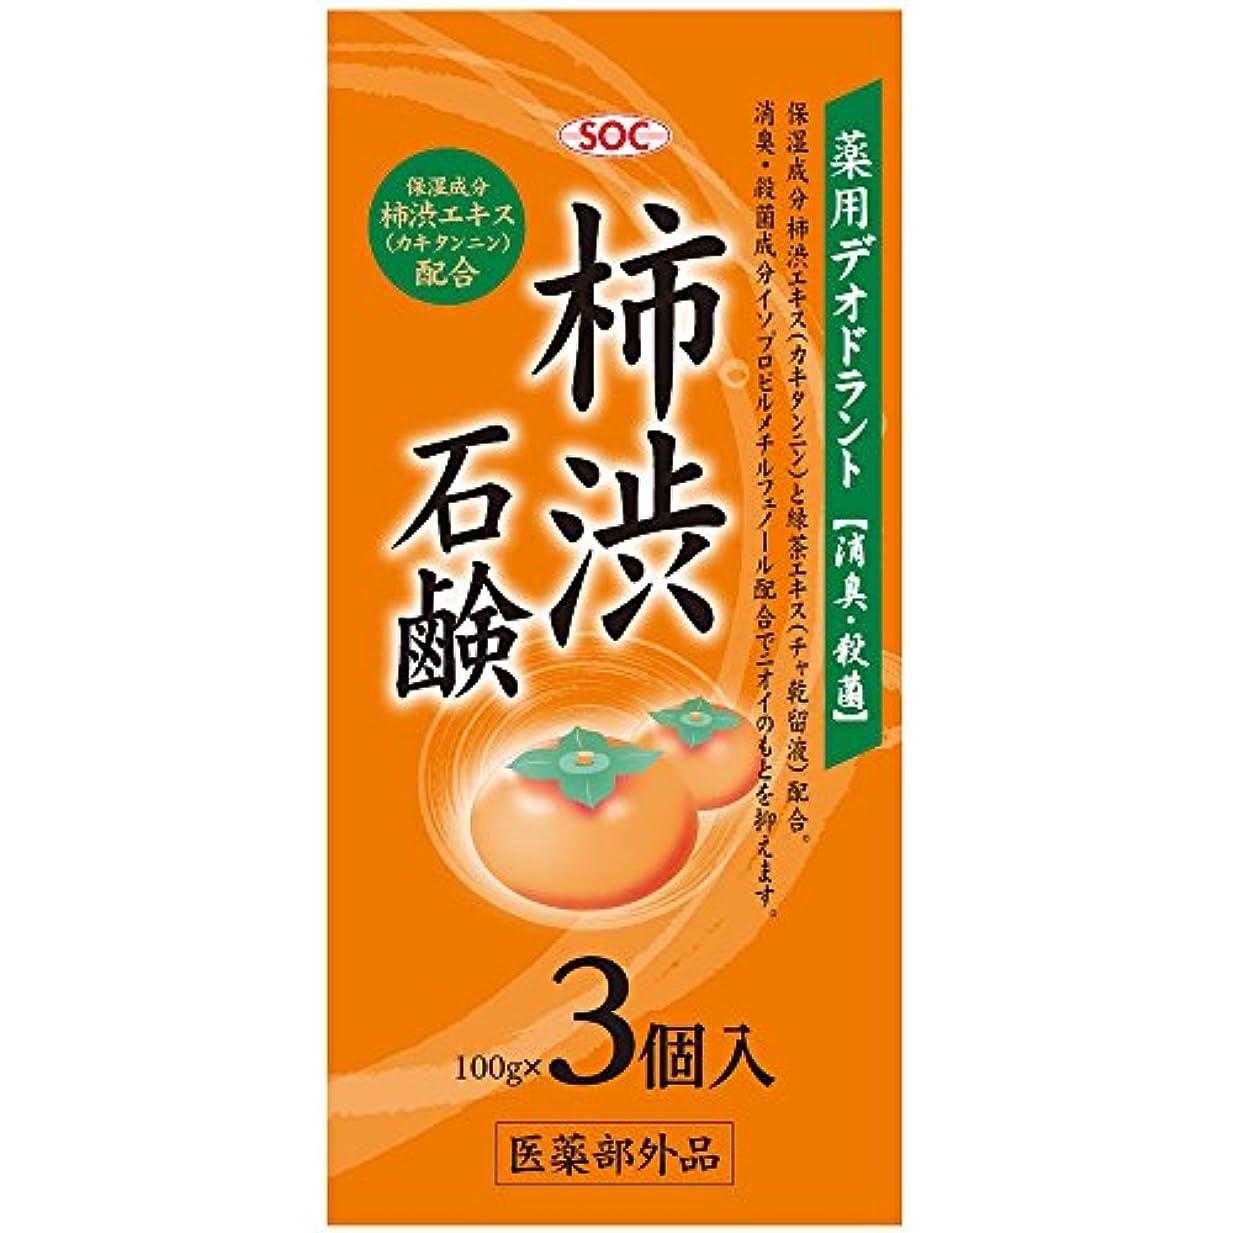 確立十分にエラーSOC 薬用柿渋石鹸 3P (100g×3)